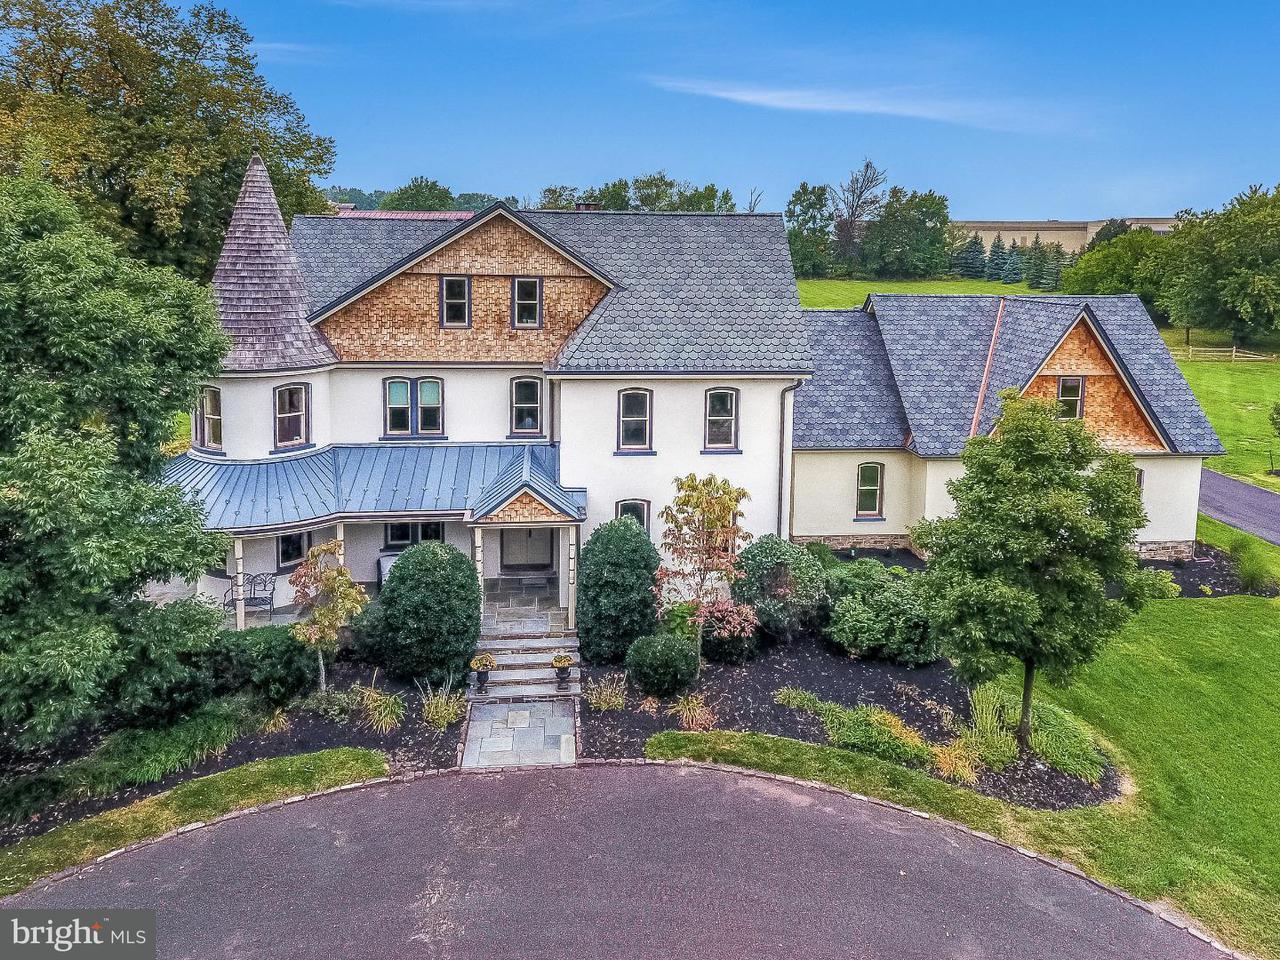 Maison unifamiliale pour l Vente à 1545 N TROOPER Road Worcester, Pennsylvanie 19401 États-Unis